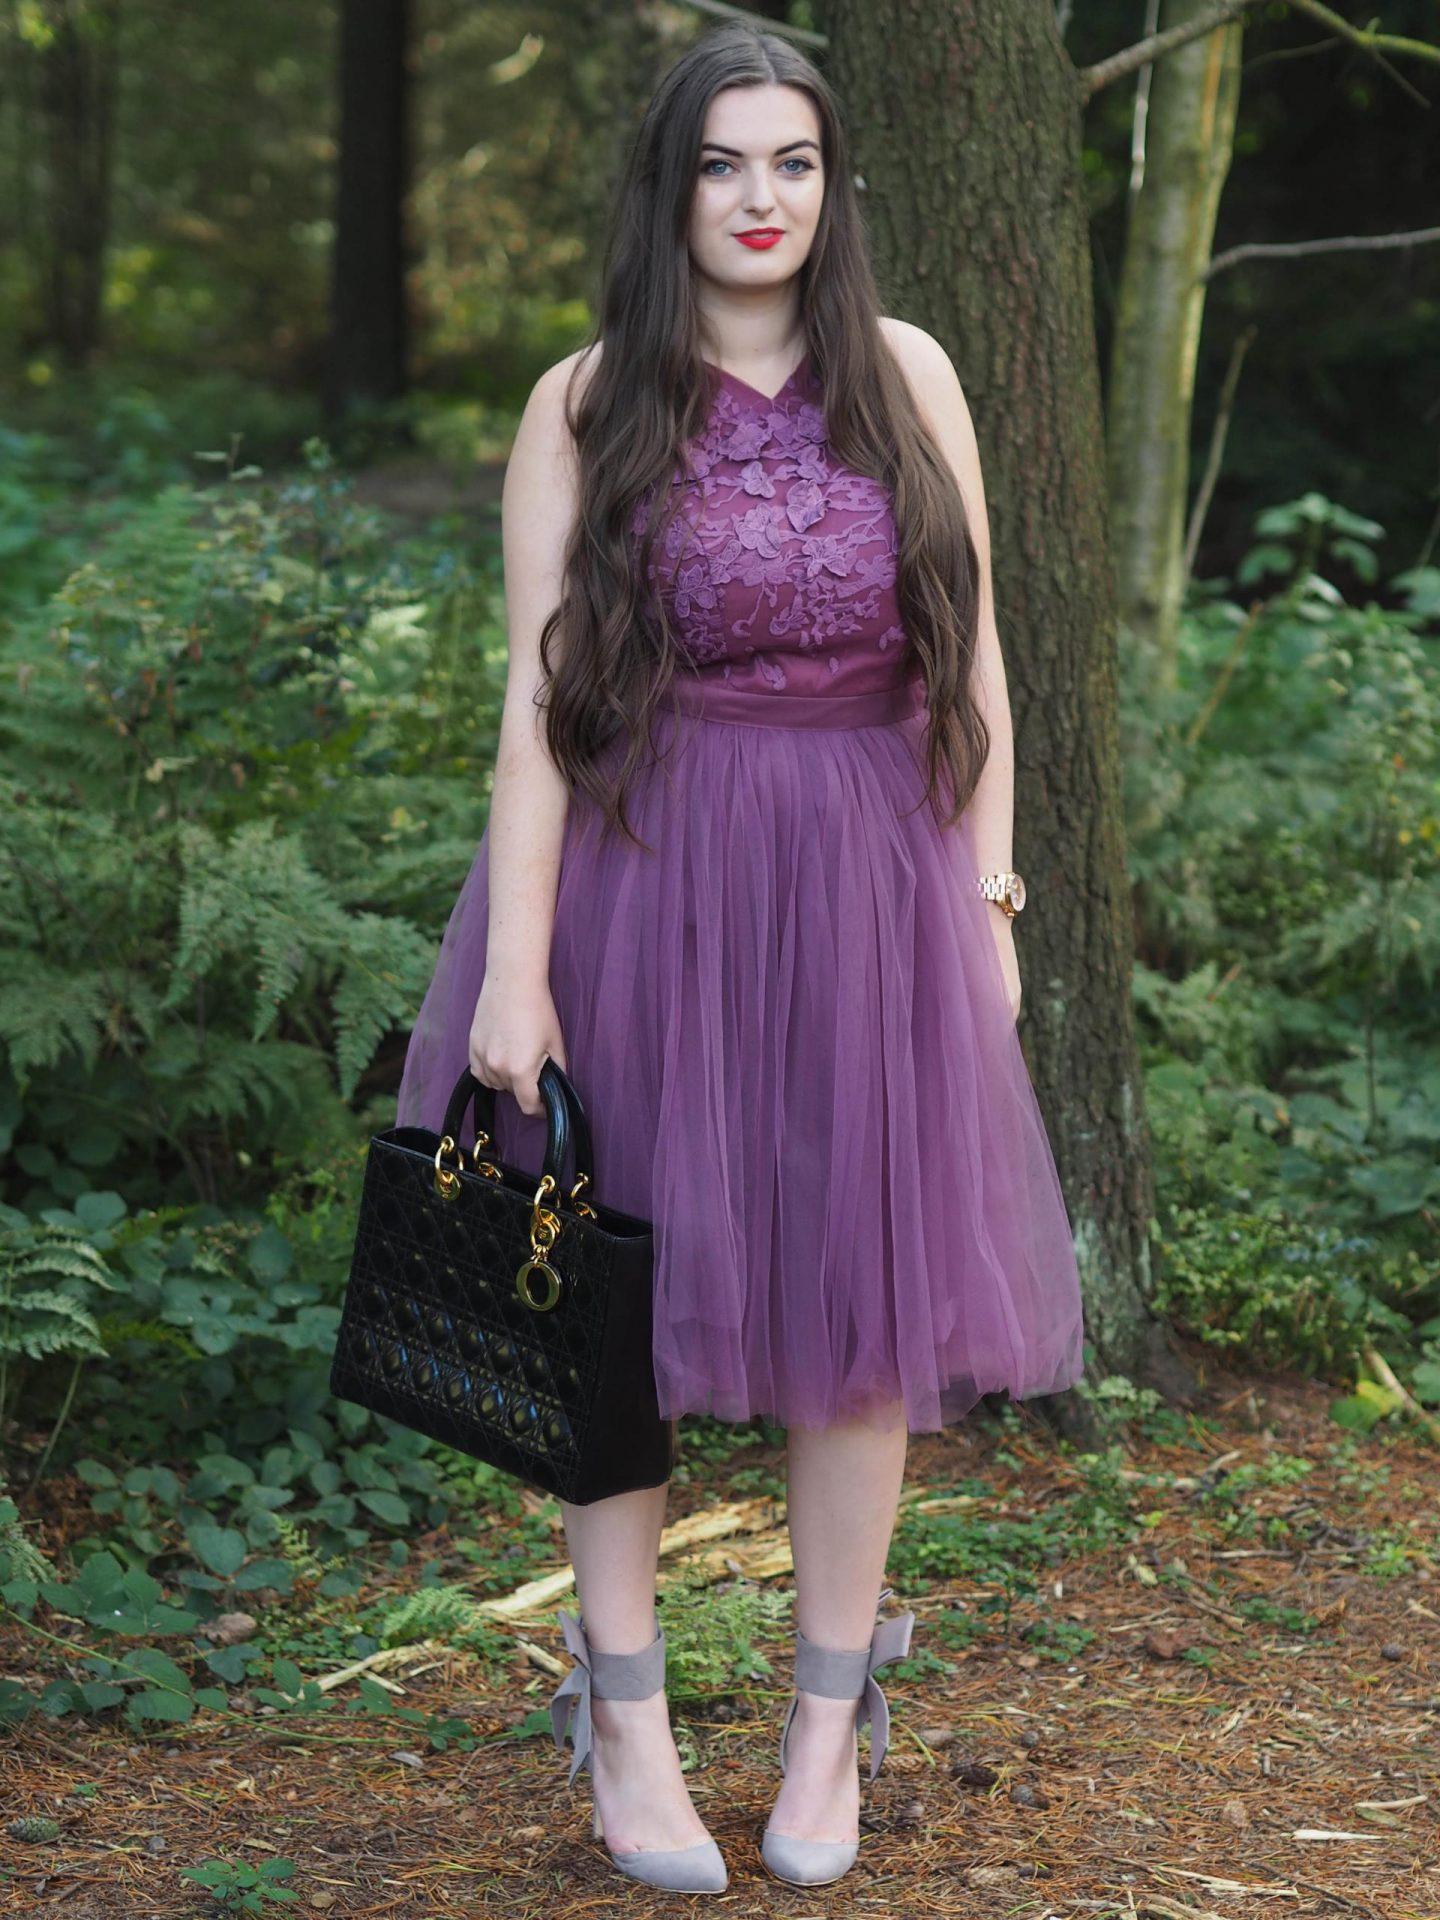 chi-chi-clothing-elif-dress-rachel-nicole-uk-blogger